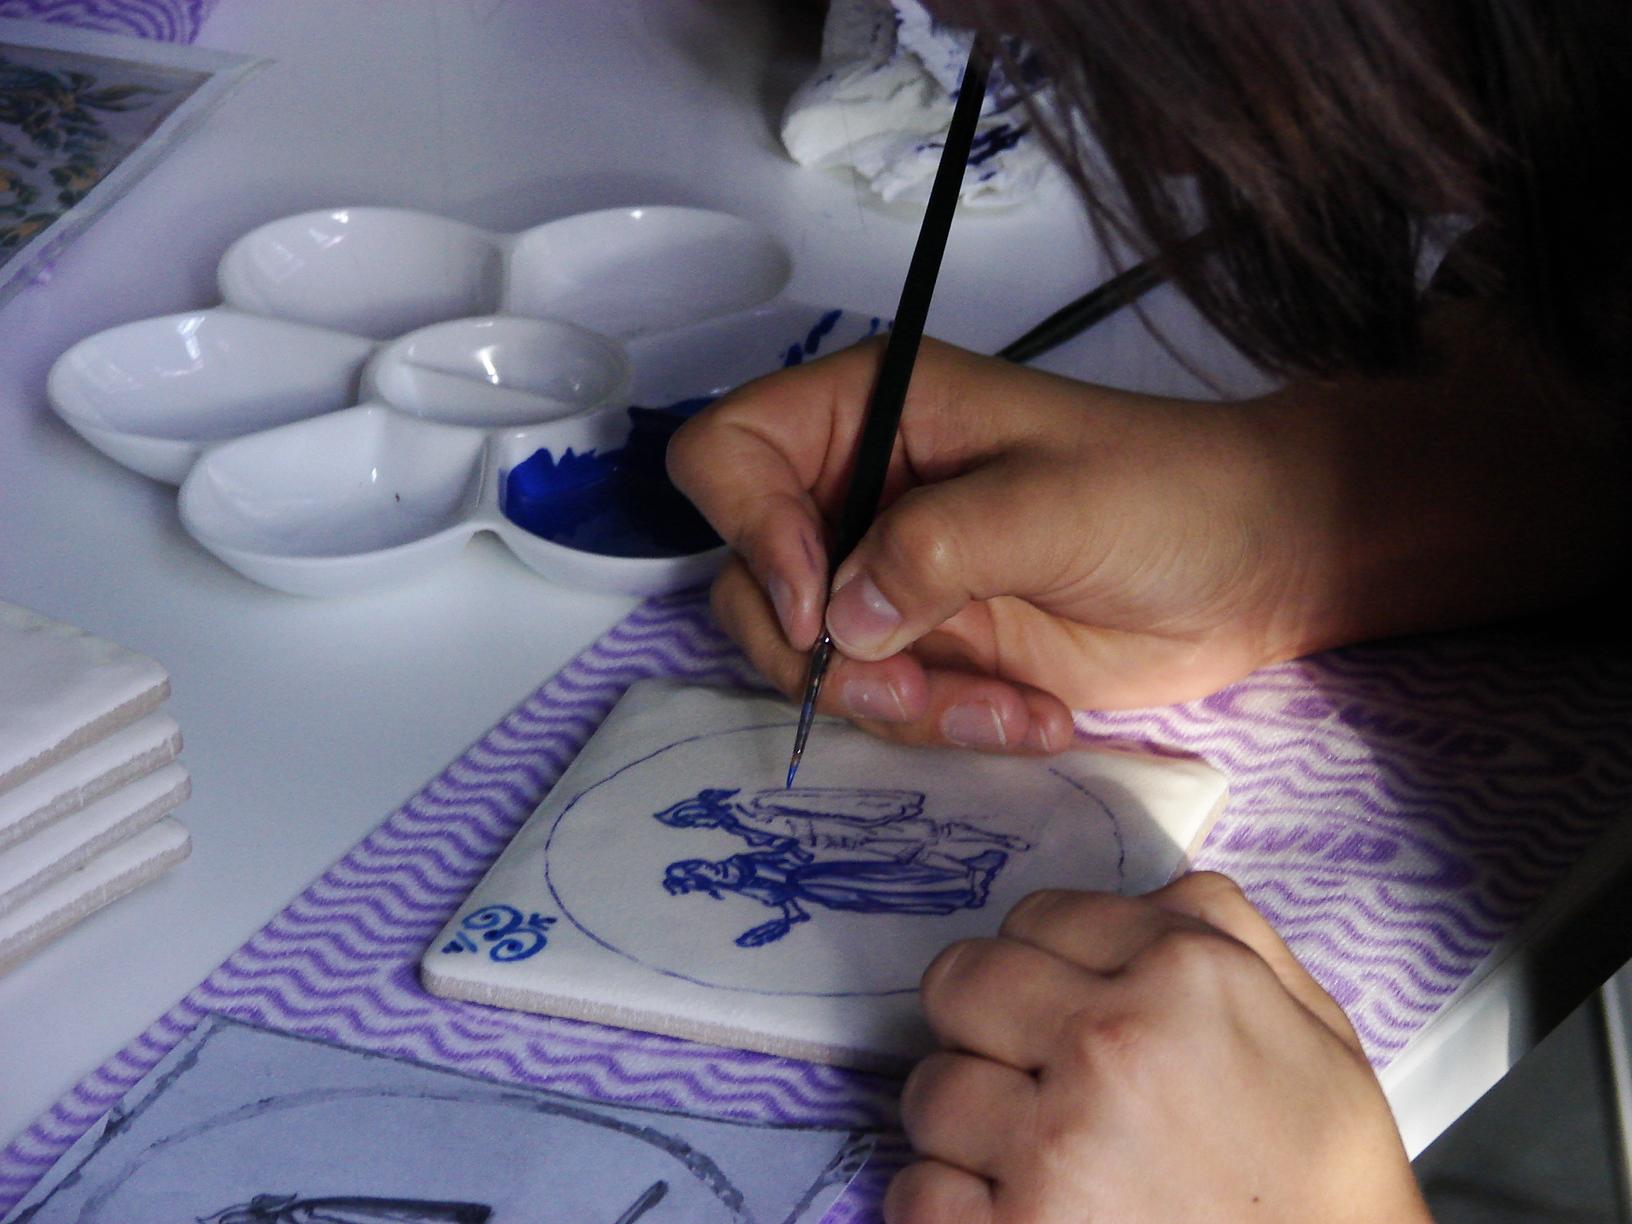 kobieta malująca pędzlem kobietę i mężczyznę na kawałku porcelany